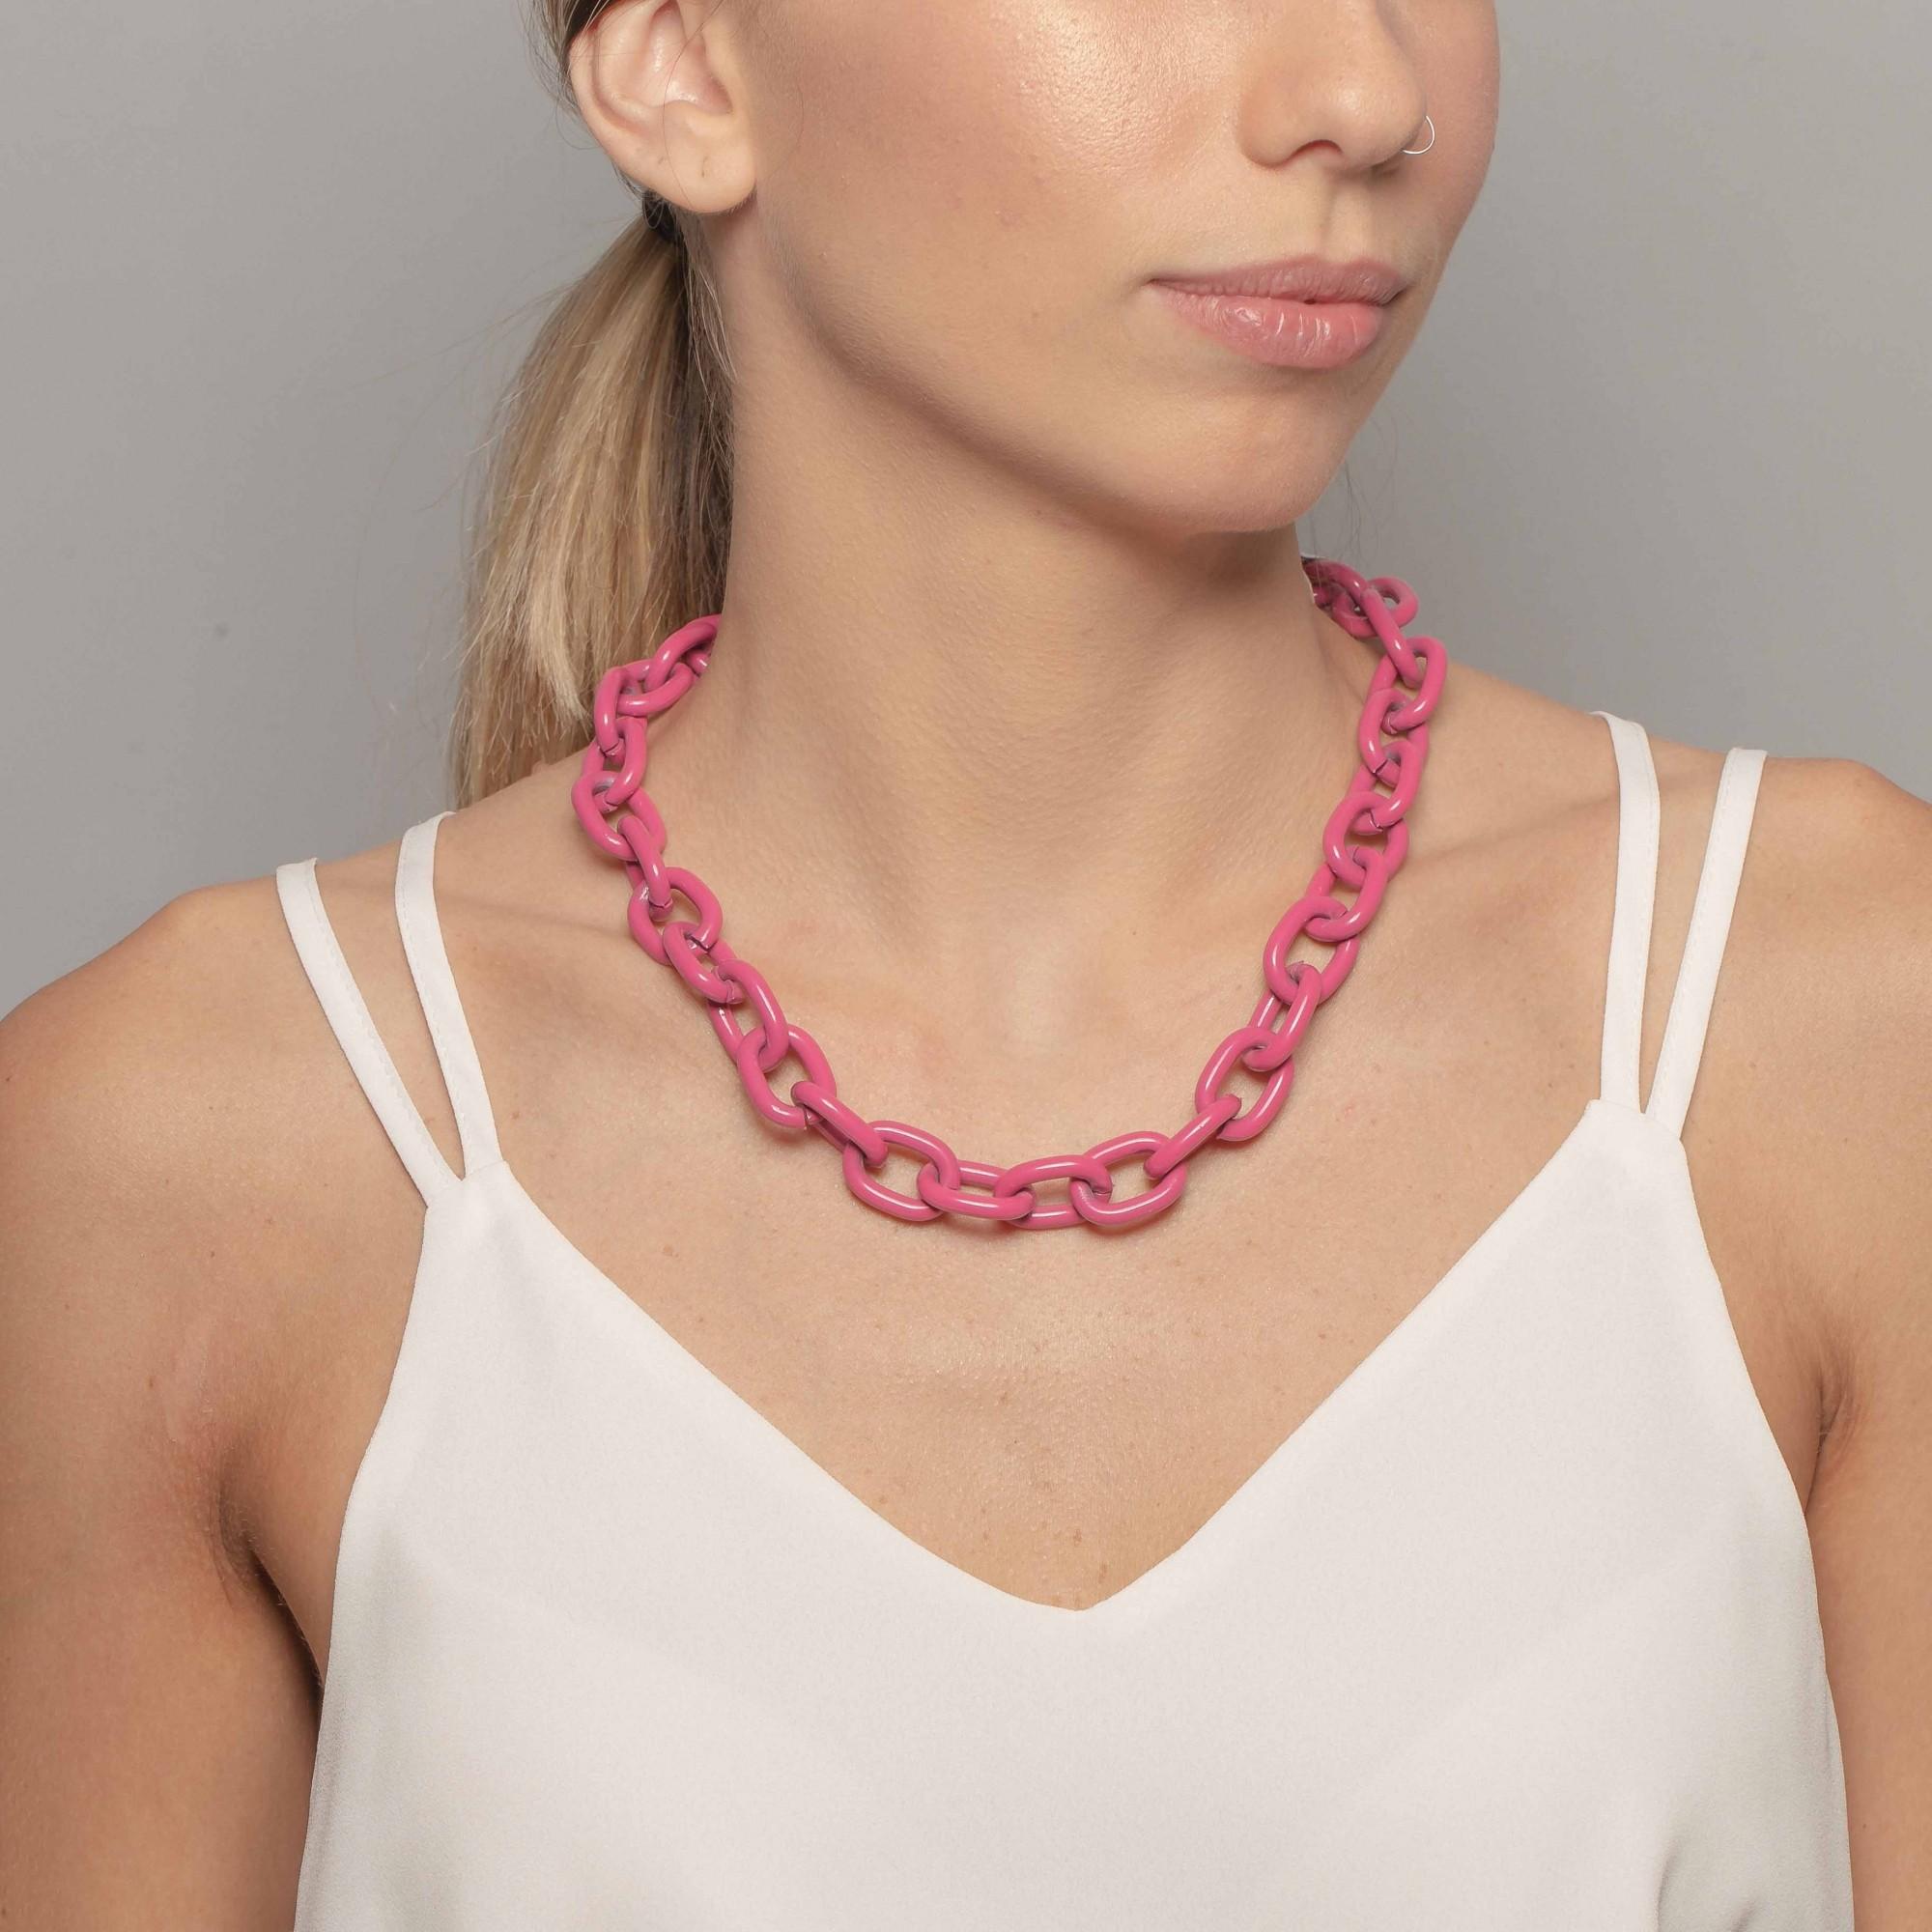 Colar cadeado 50cm na cor pink  - romabrazil.com.br